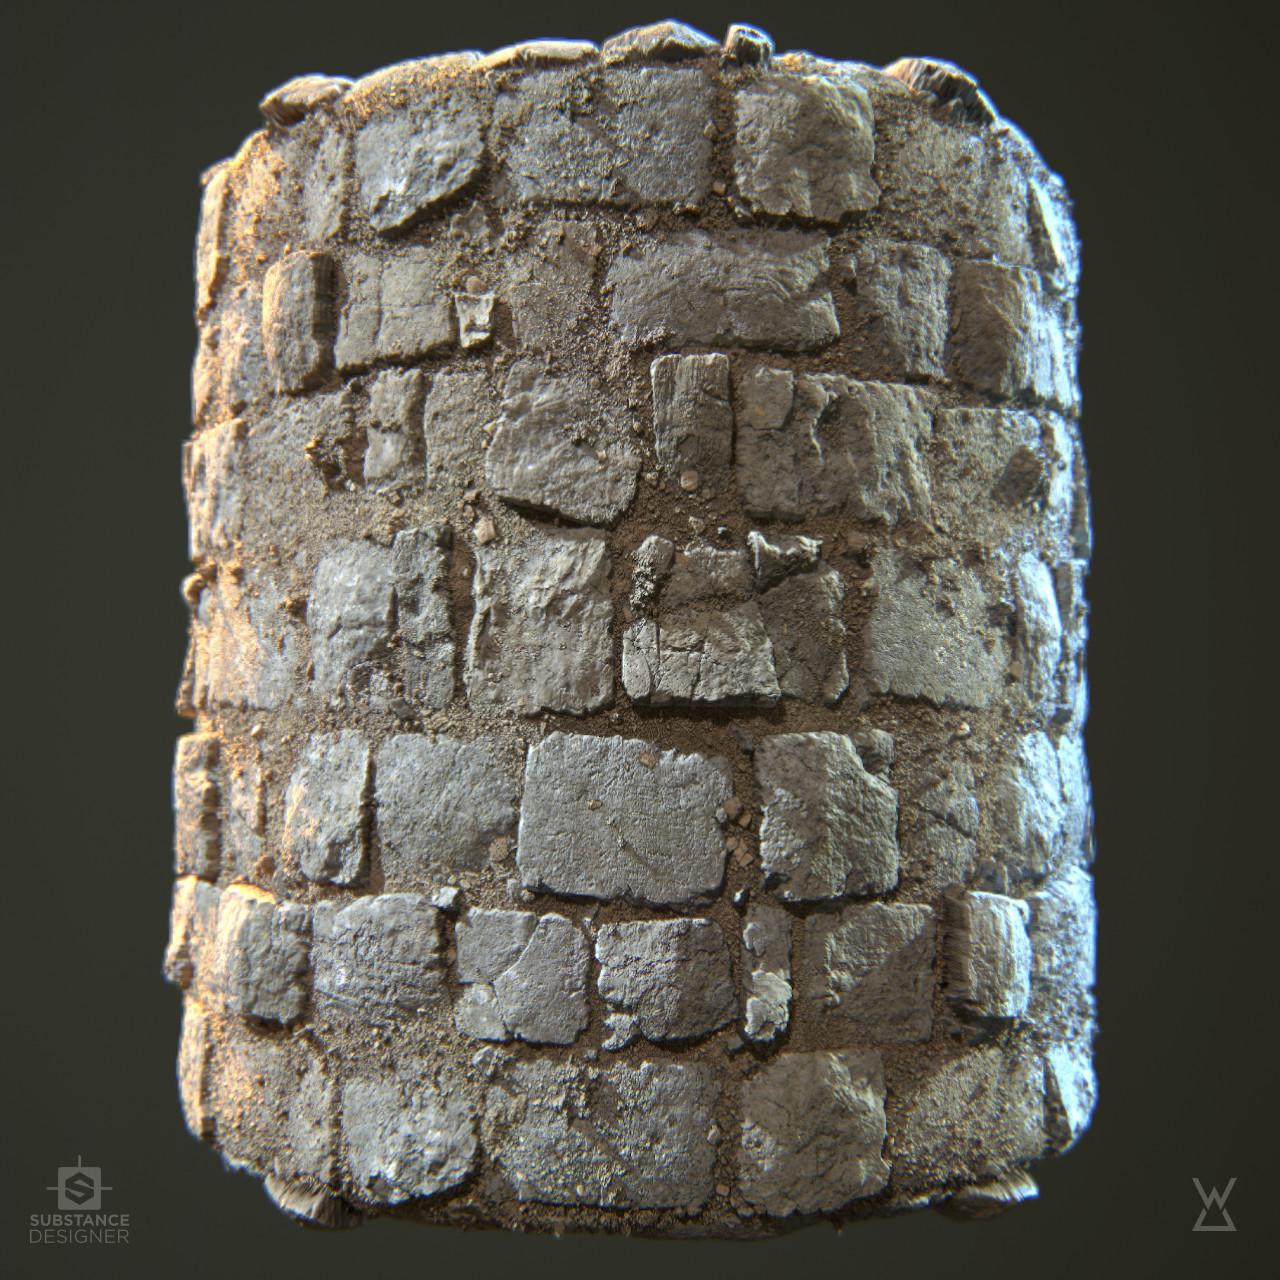 Wayne dalton stone floor 02